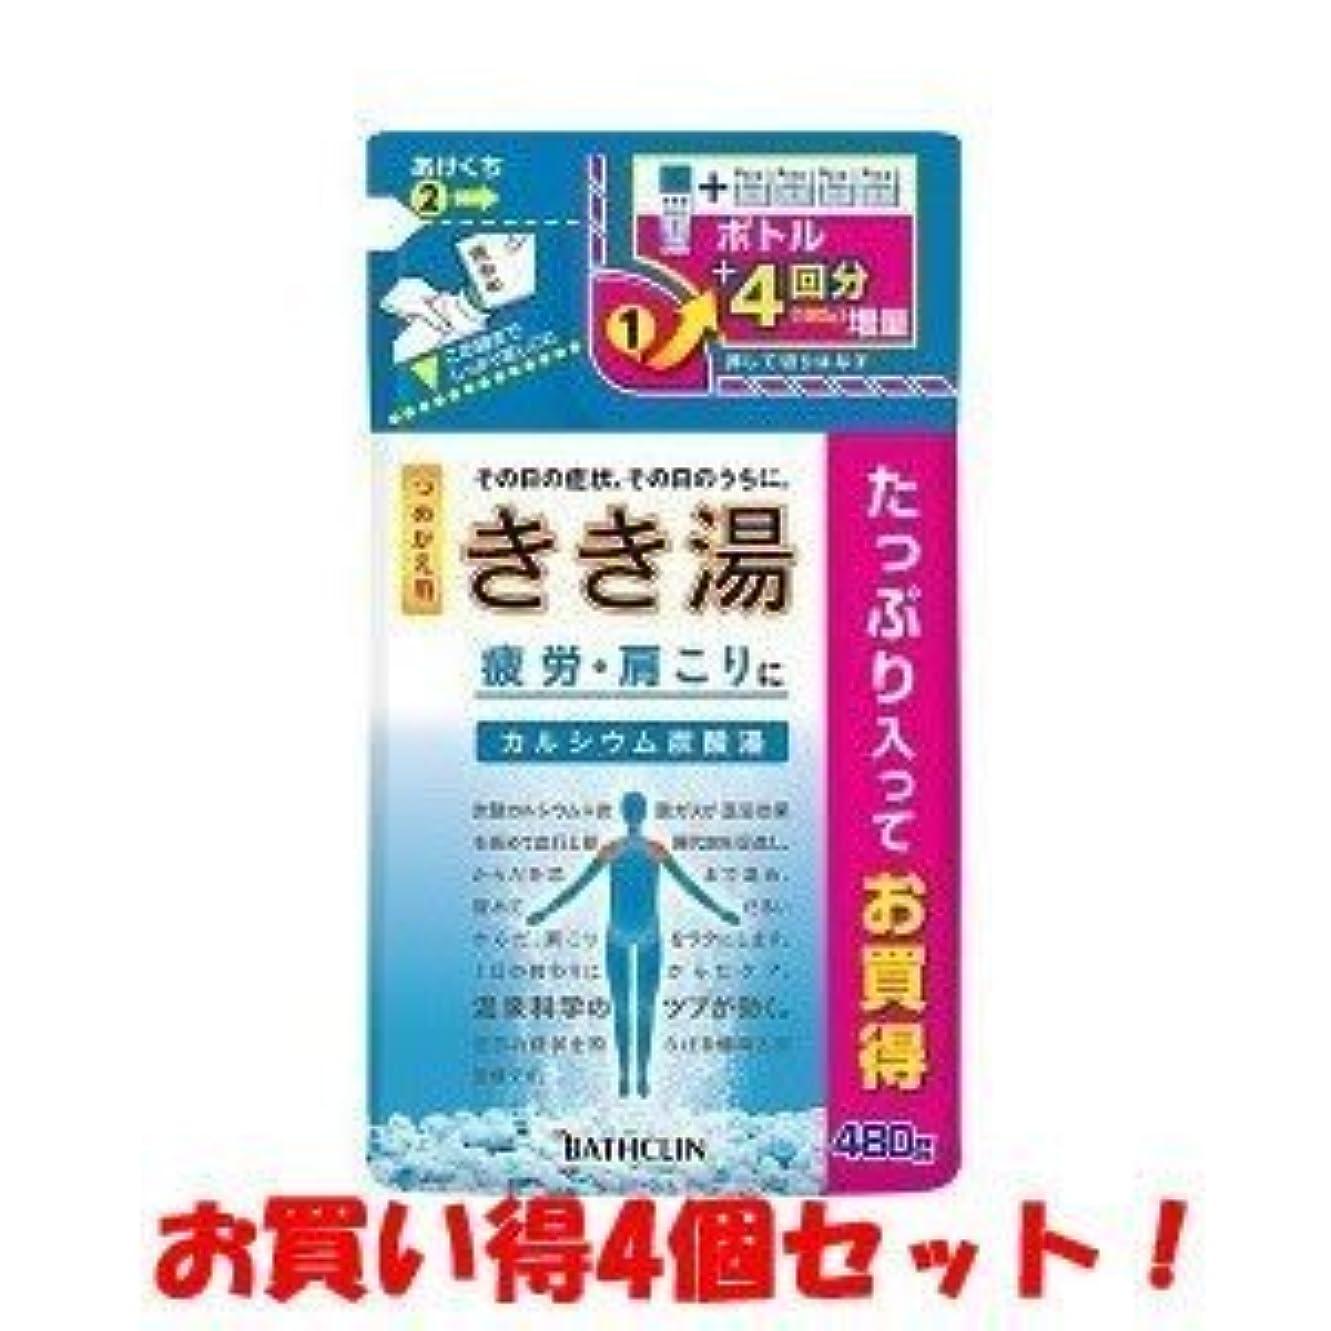 最大限報酬除外する(バスクリン)きき湯 カルシウム炭酸湯 つめかえ用 480g(医薬部外品)(お買い得4個セット)